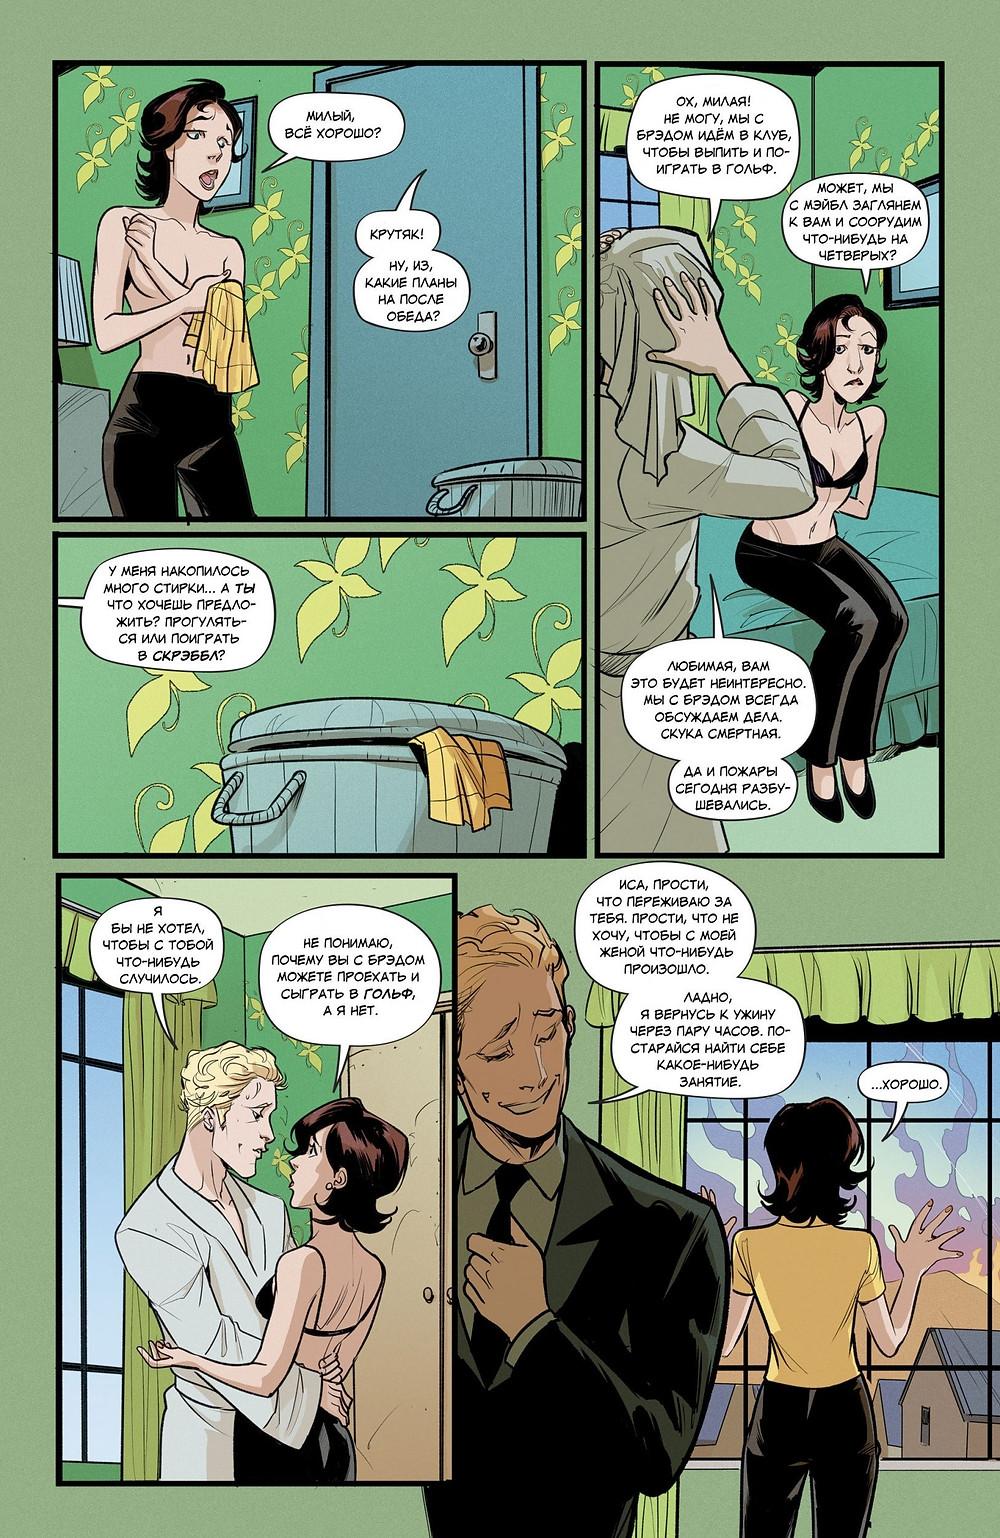 """Фантастический комикс о семейных отношениях """"Моя жена ведьма"""" Hex Wives. Часть 2. Страница 10"""